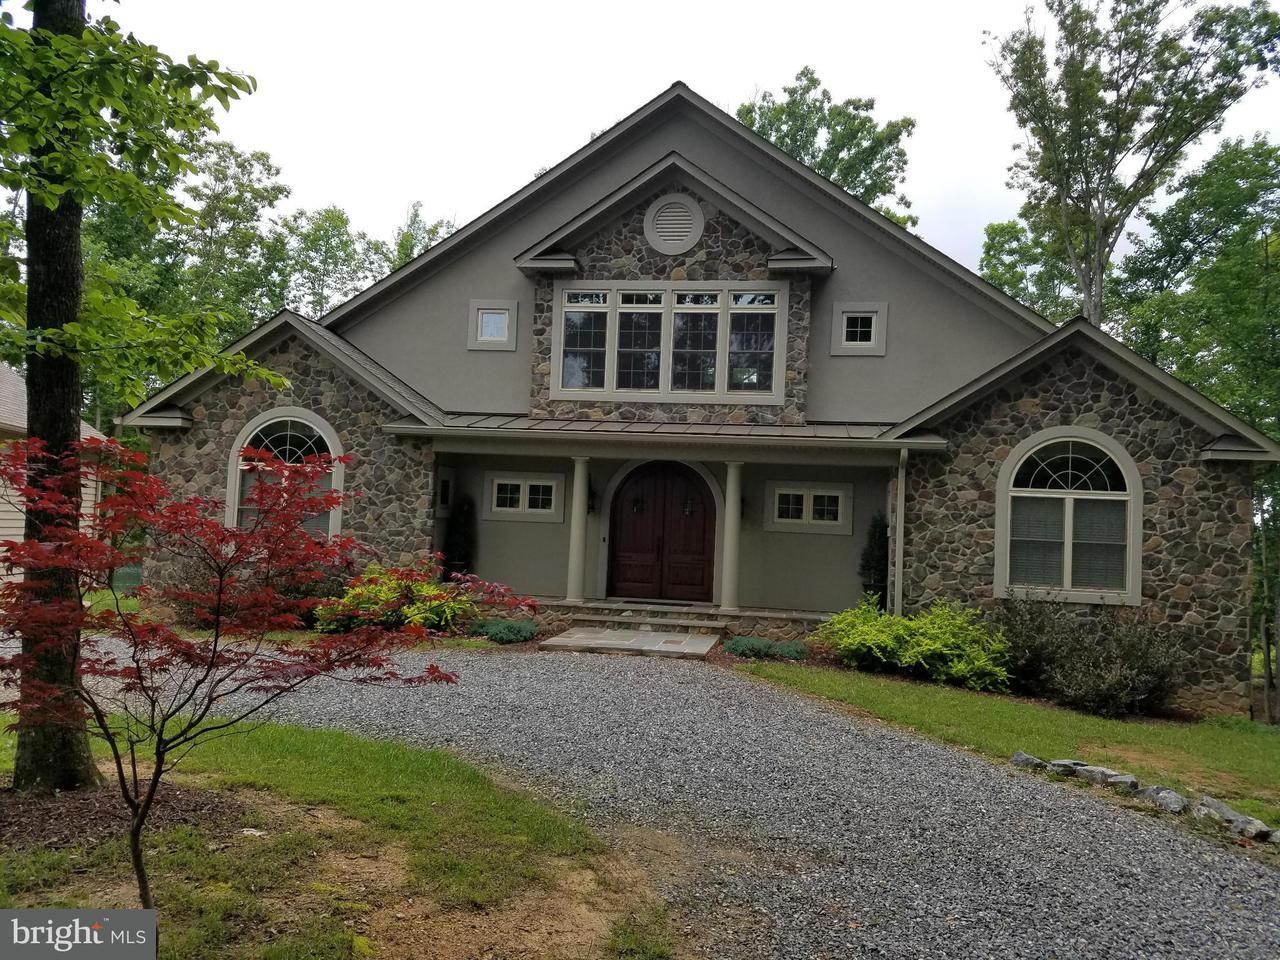 Частный односемейный дом для того Продажа на 204 BLUE SKY WAY 204 BLUE SKY WAY Bumpass, Виргиния 23024 Соединенные Штаты